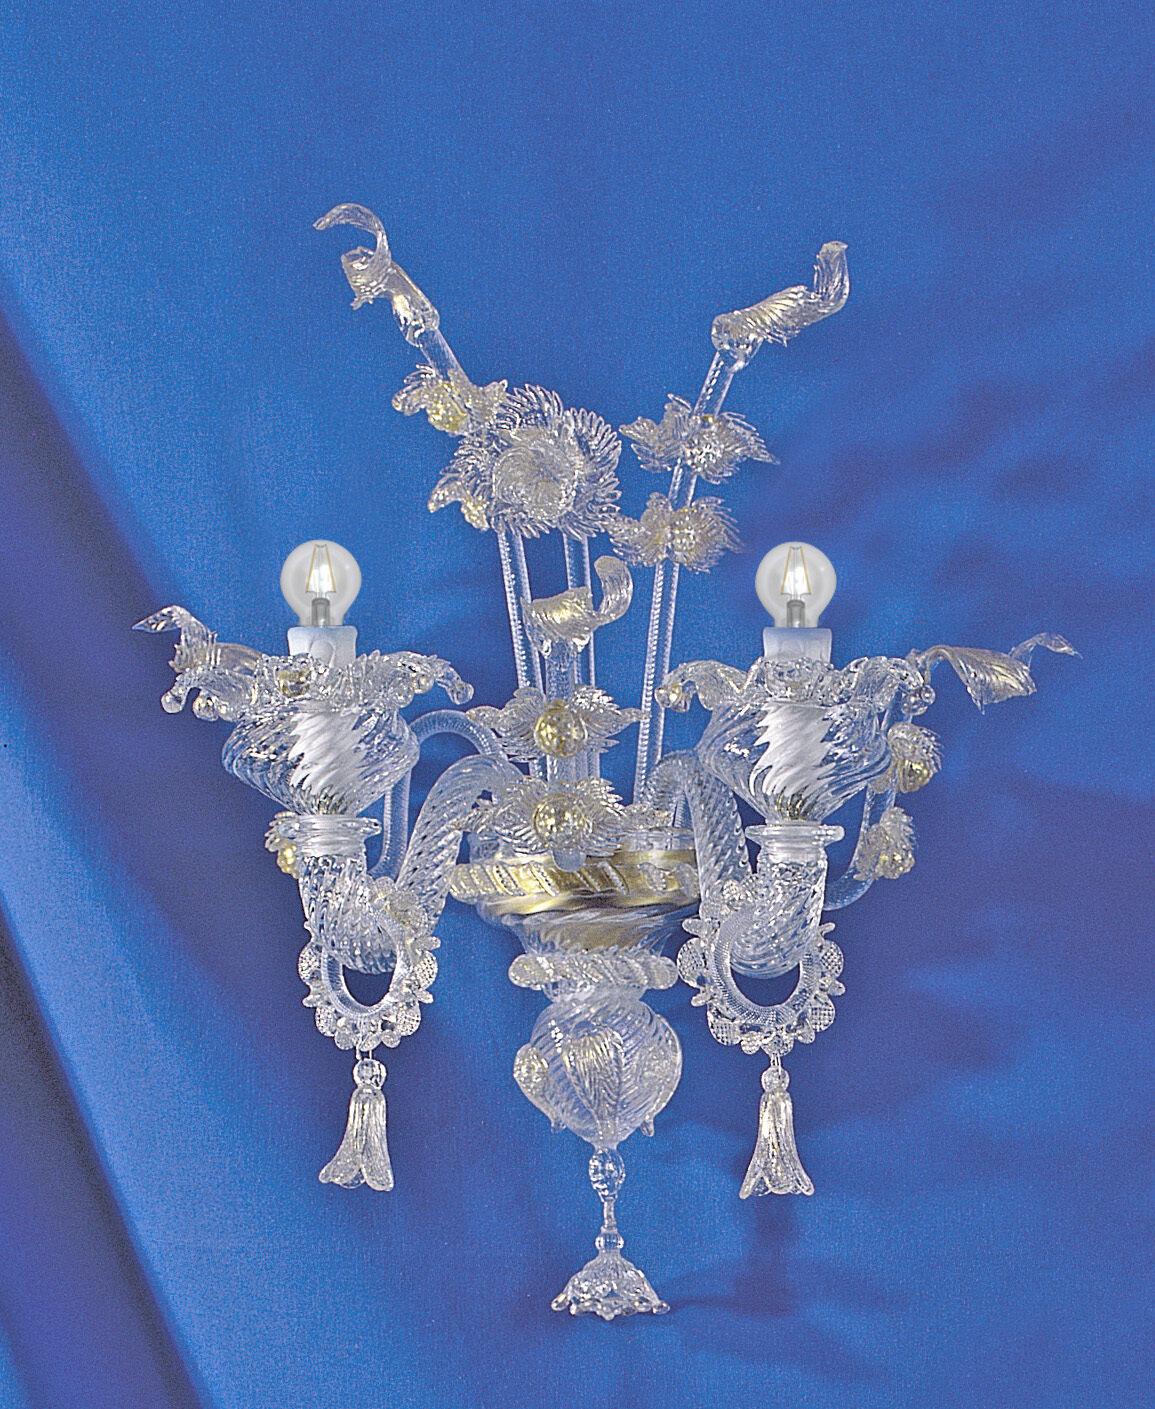 Tronchetto Applique 2 2 2 luci cristallo Gold in vetro di Murano 634604